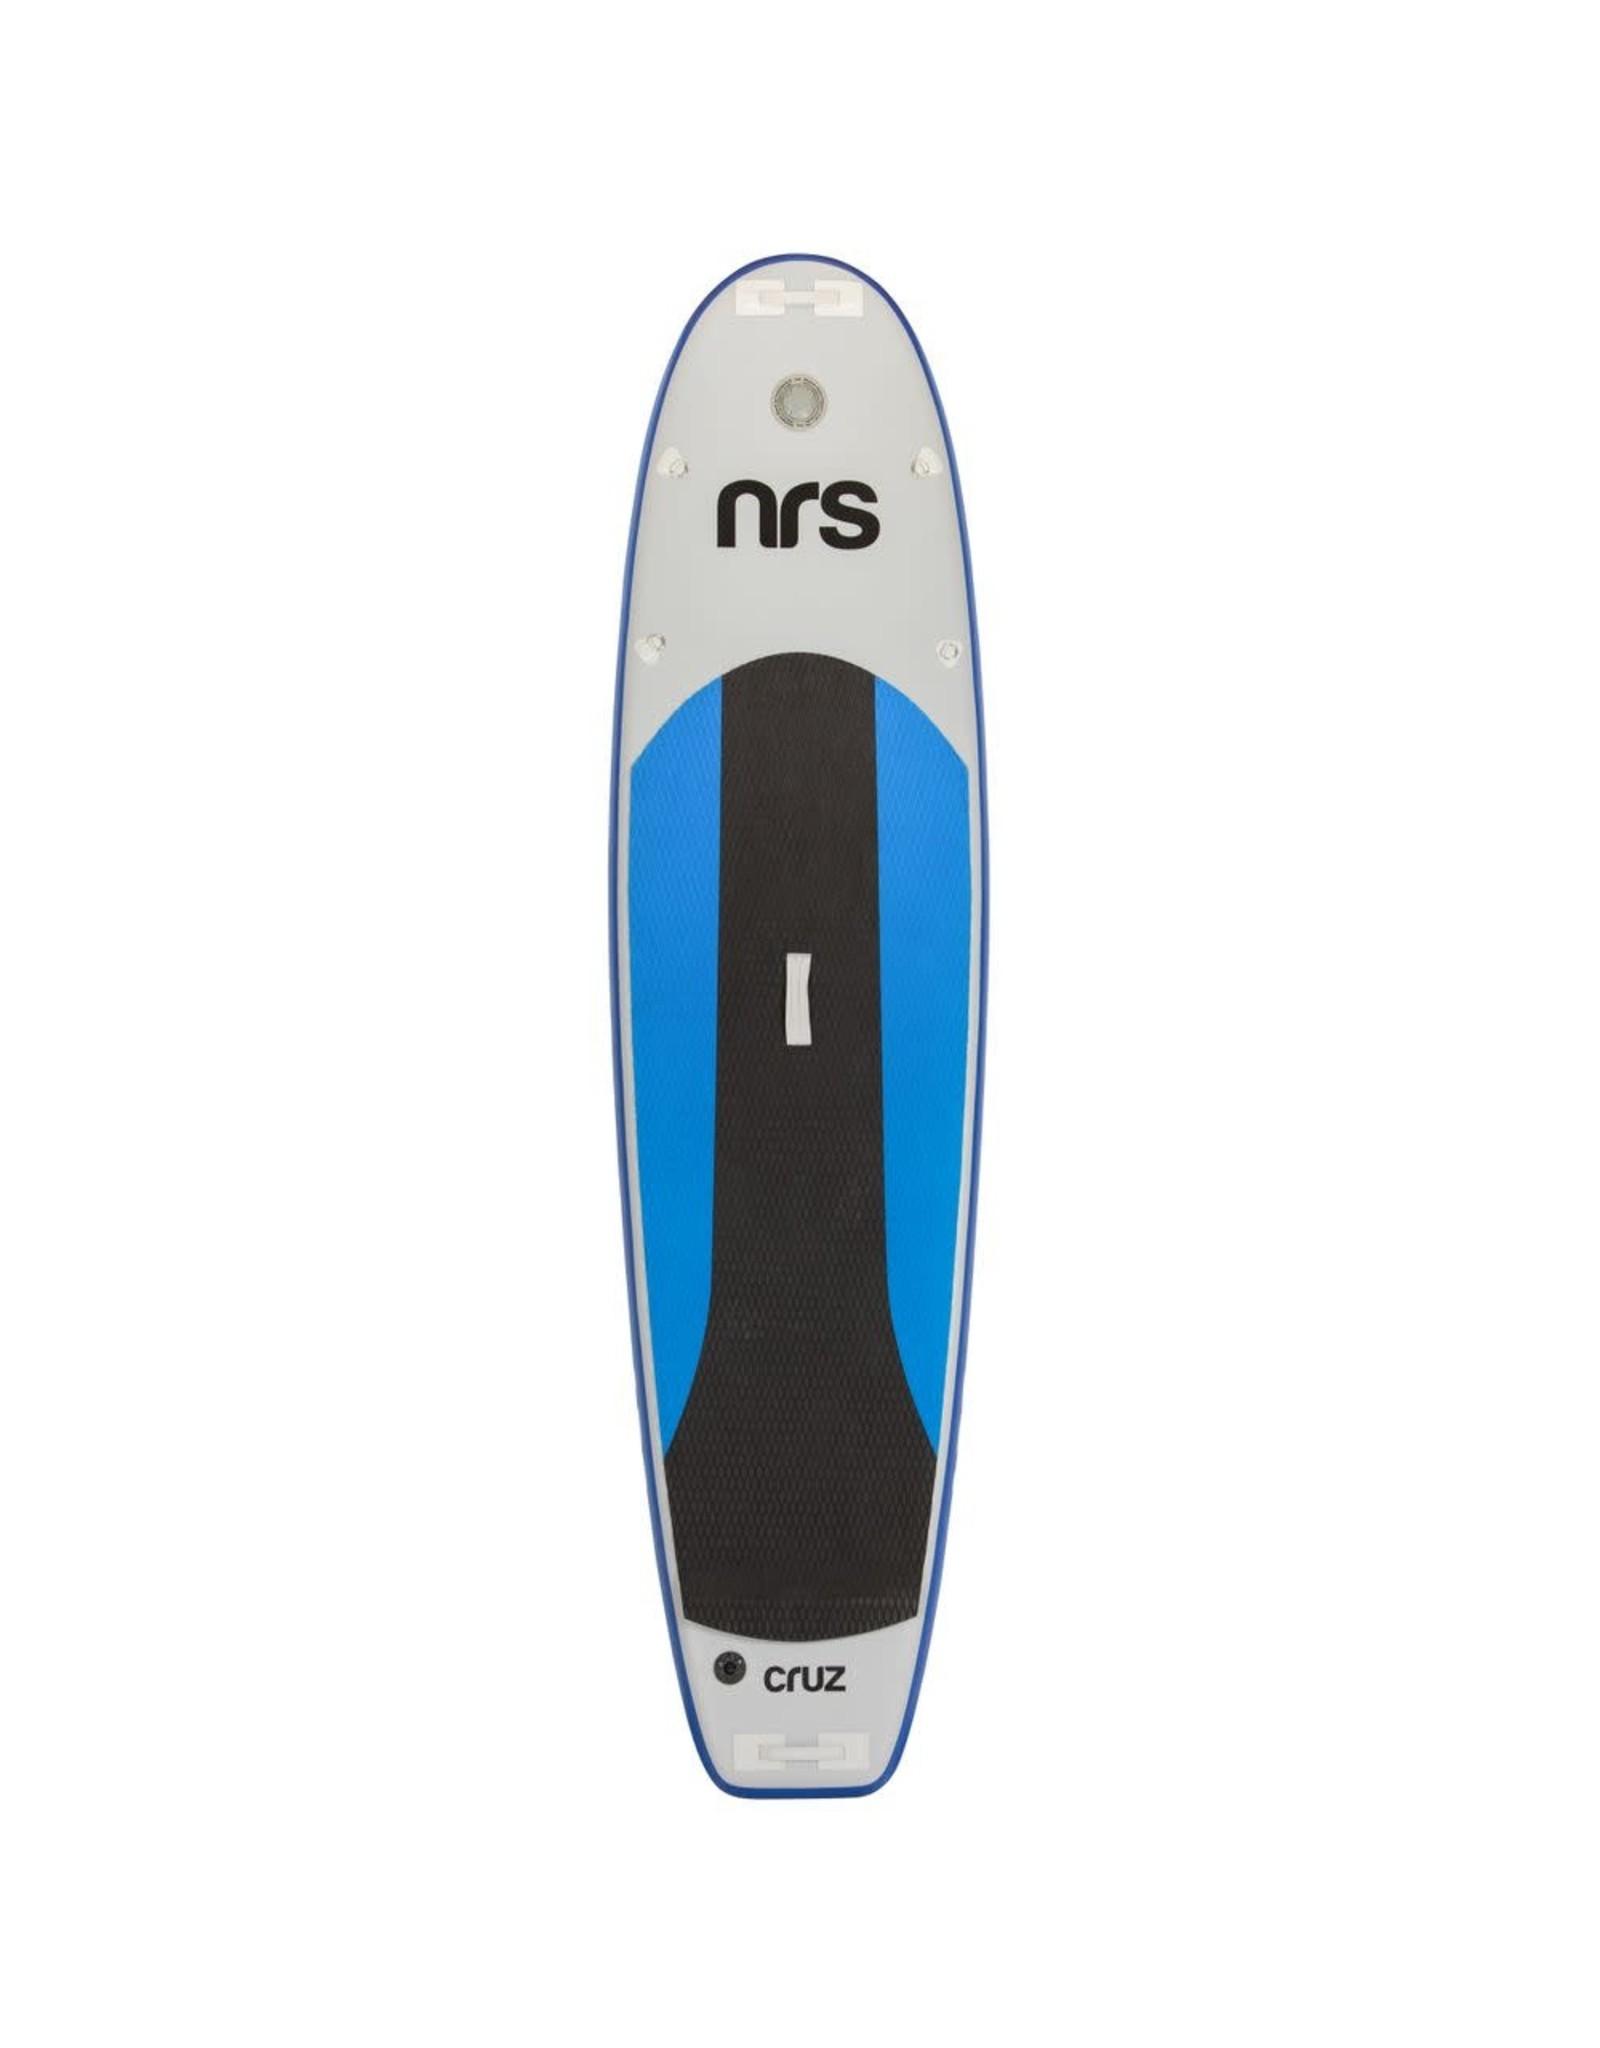 NRS NRS Cruz Inflatable SUP Board